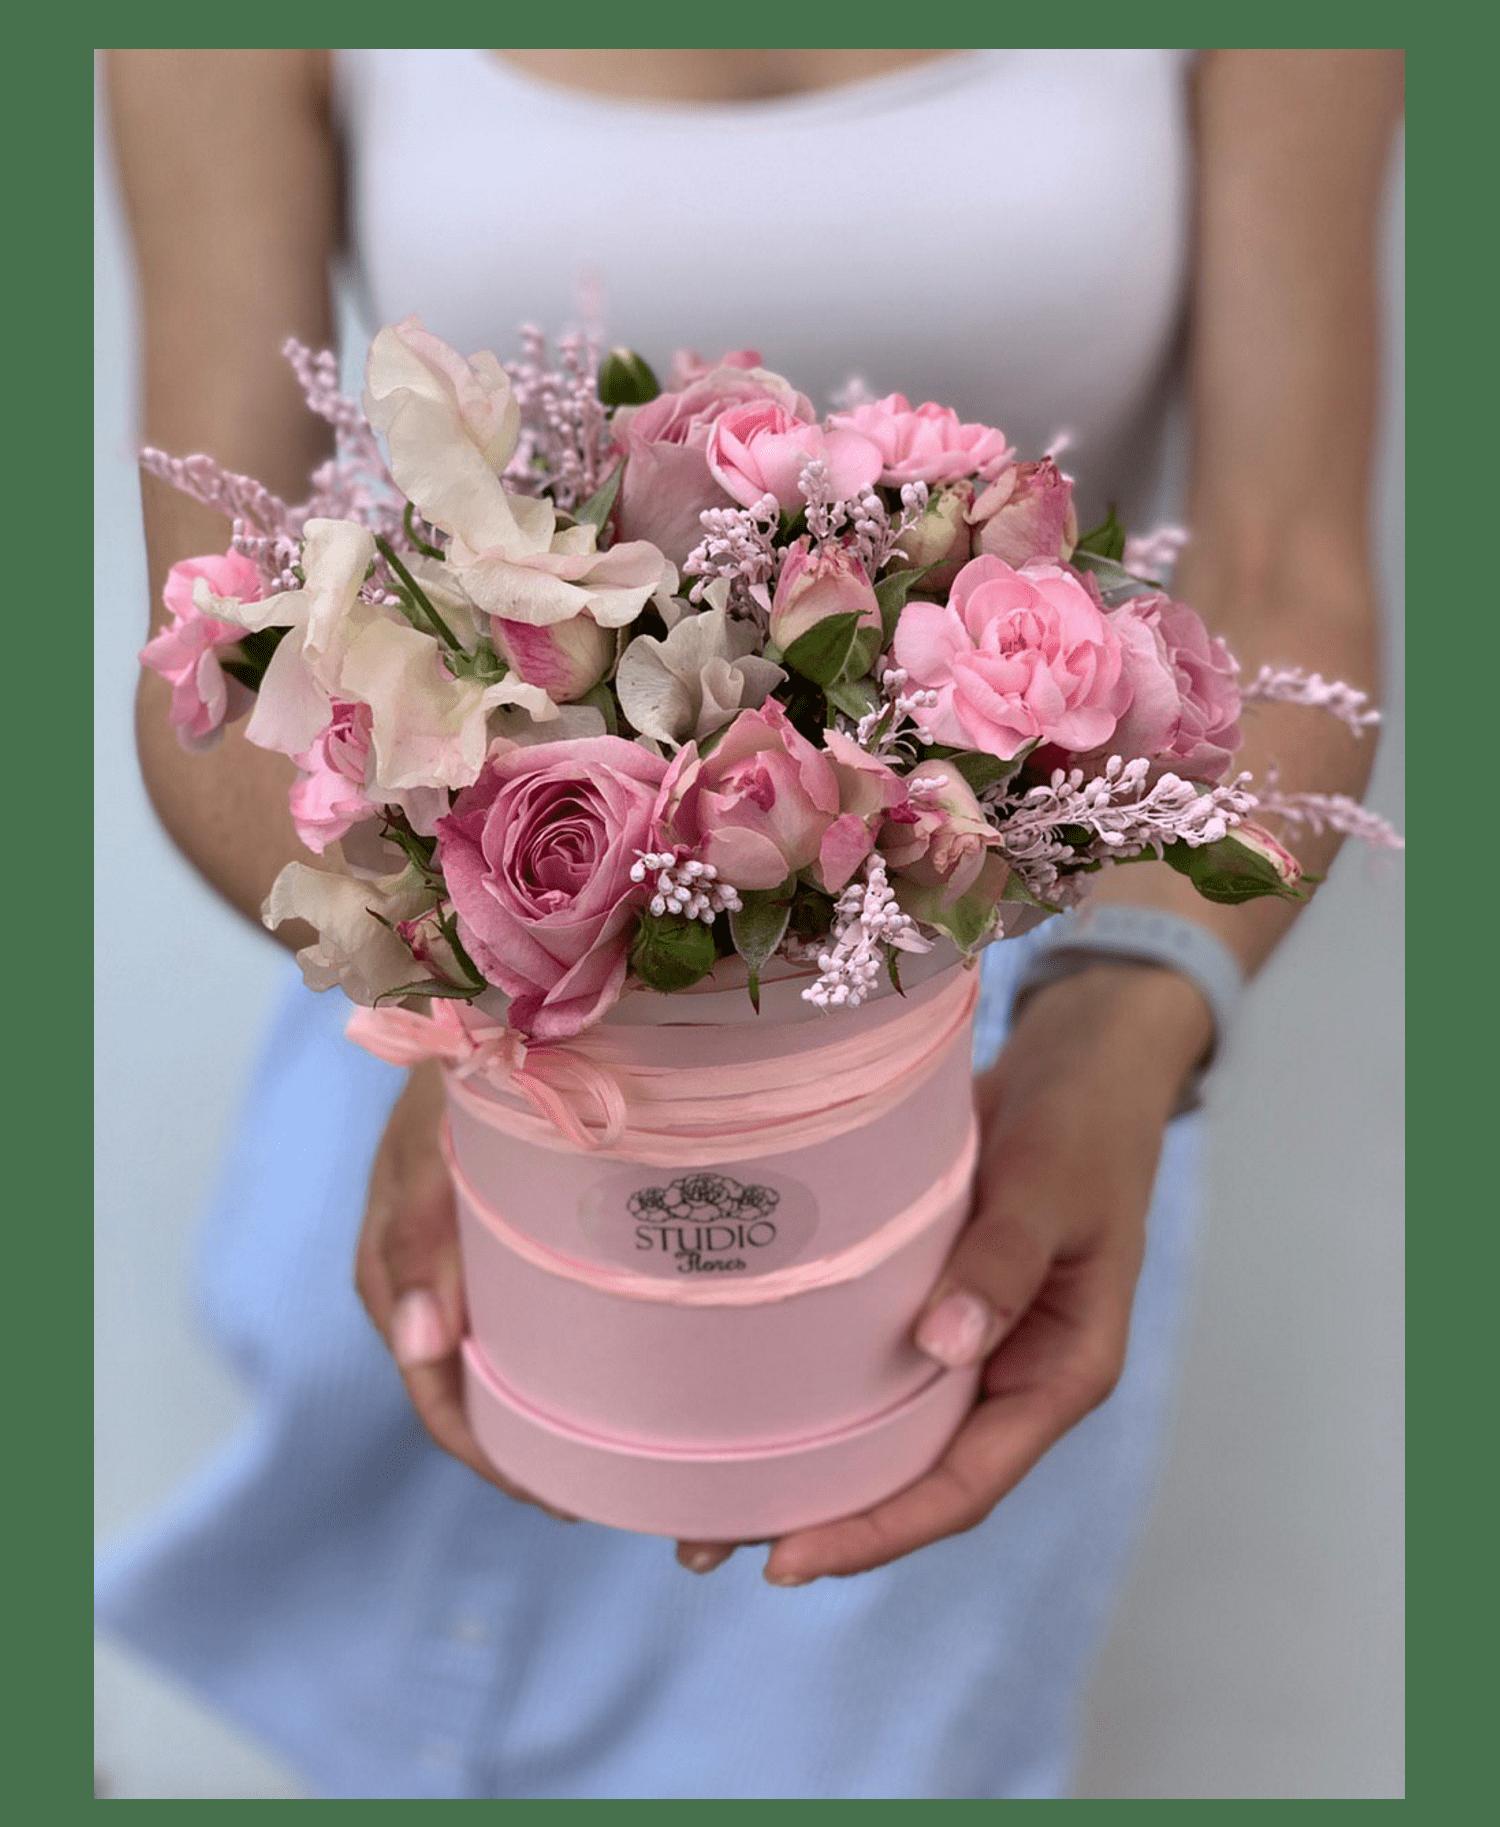 """Букет """"Клубничное смузи"""" – Интернет-магазин цветов STUDIO Flores"""